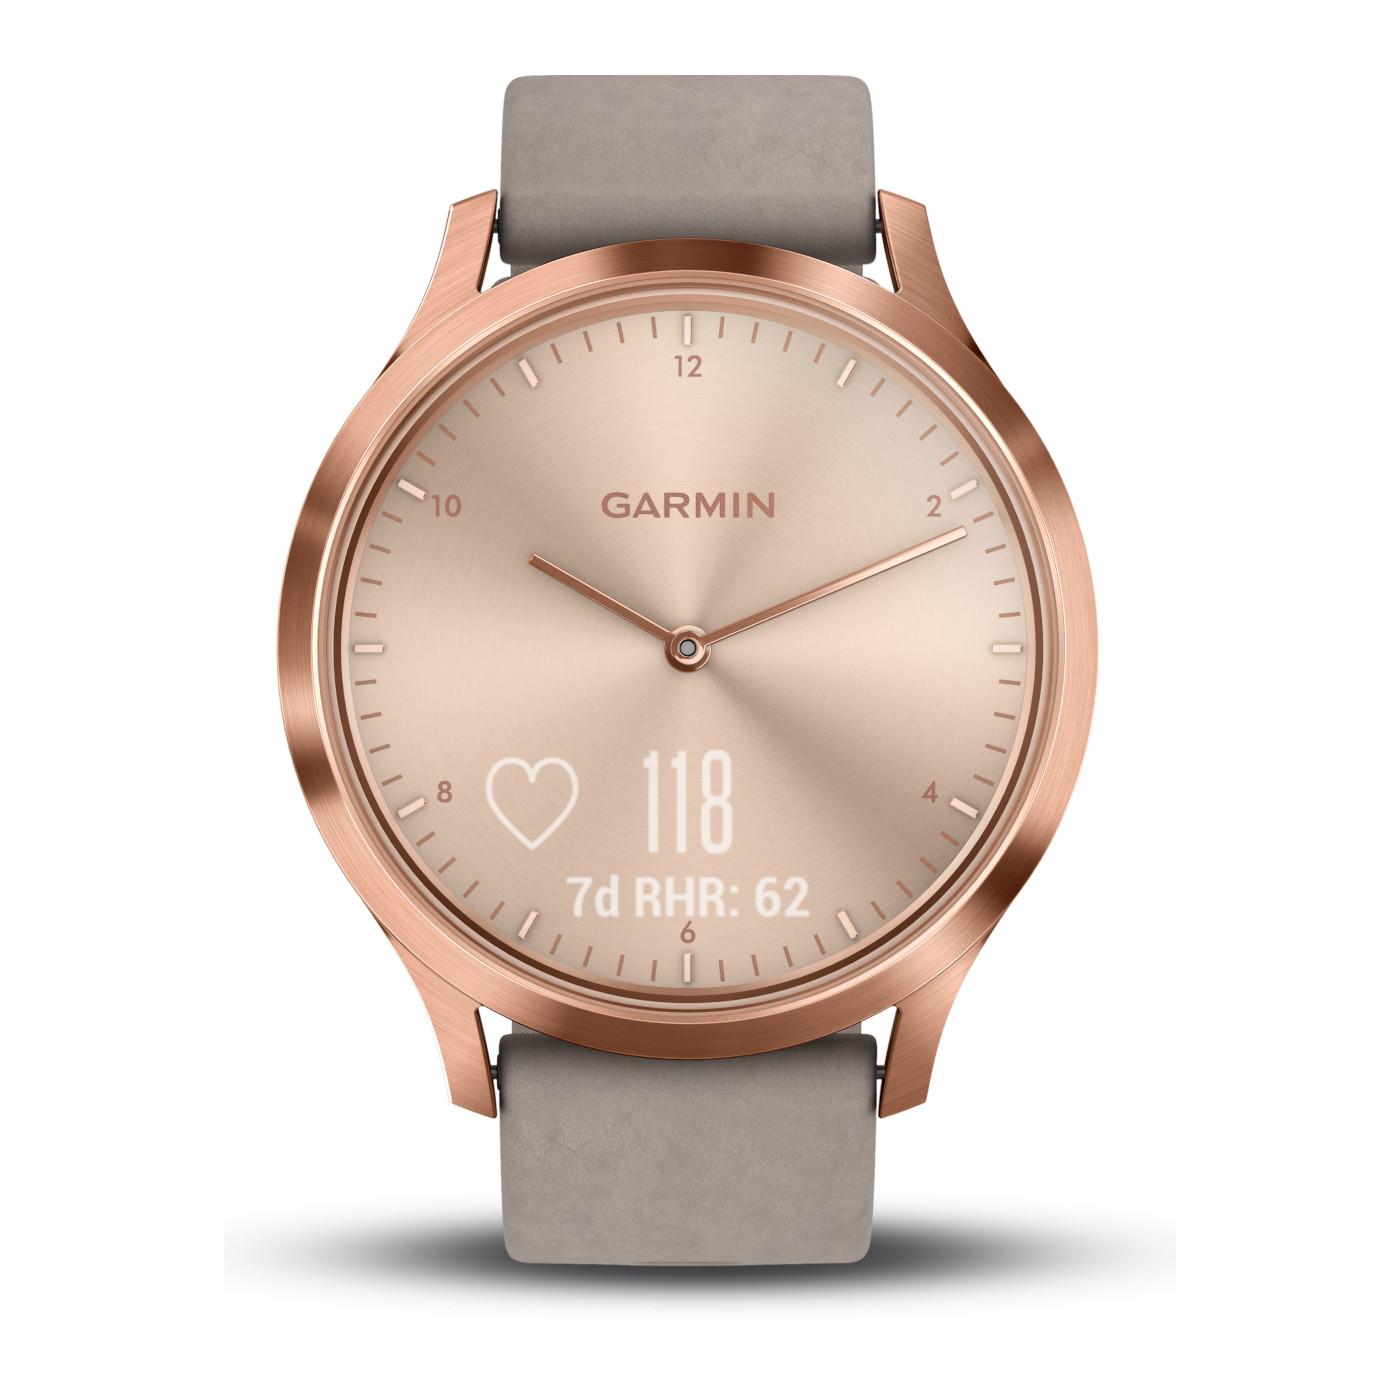 Garmin Vivomove HR Premium Hybrid Smartwatch 010-01850-09 (43 mm)